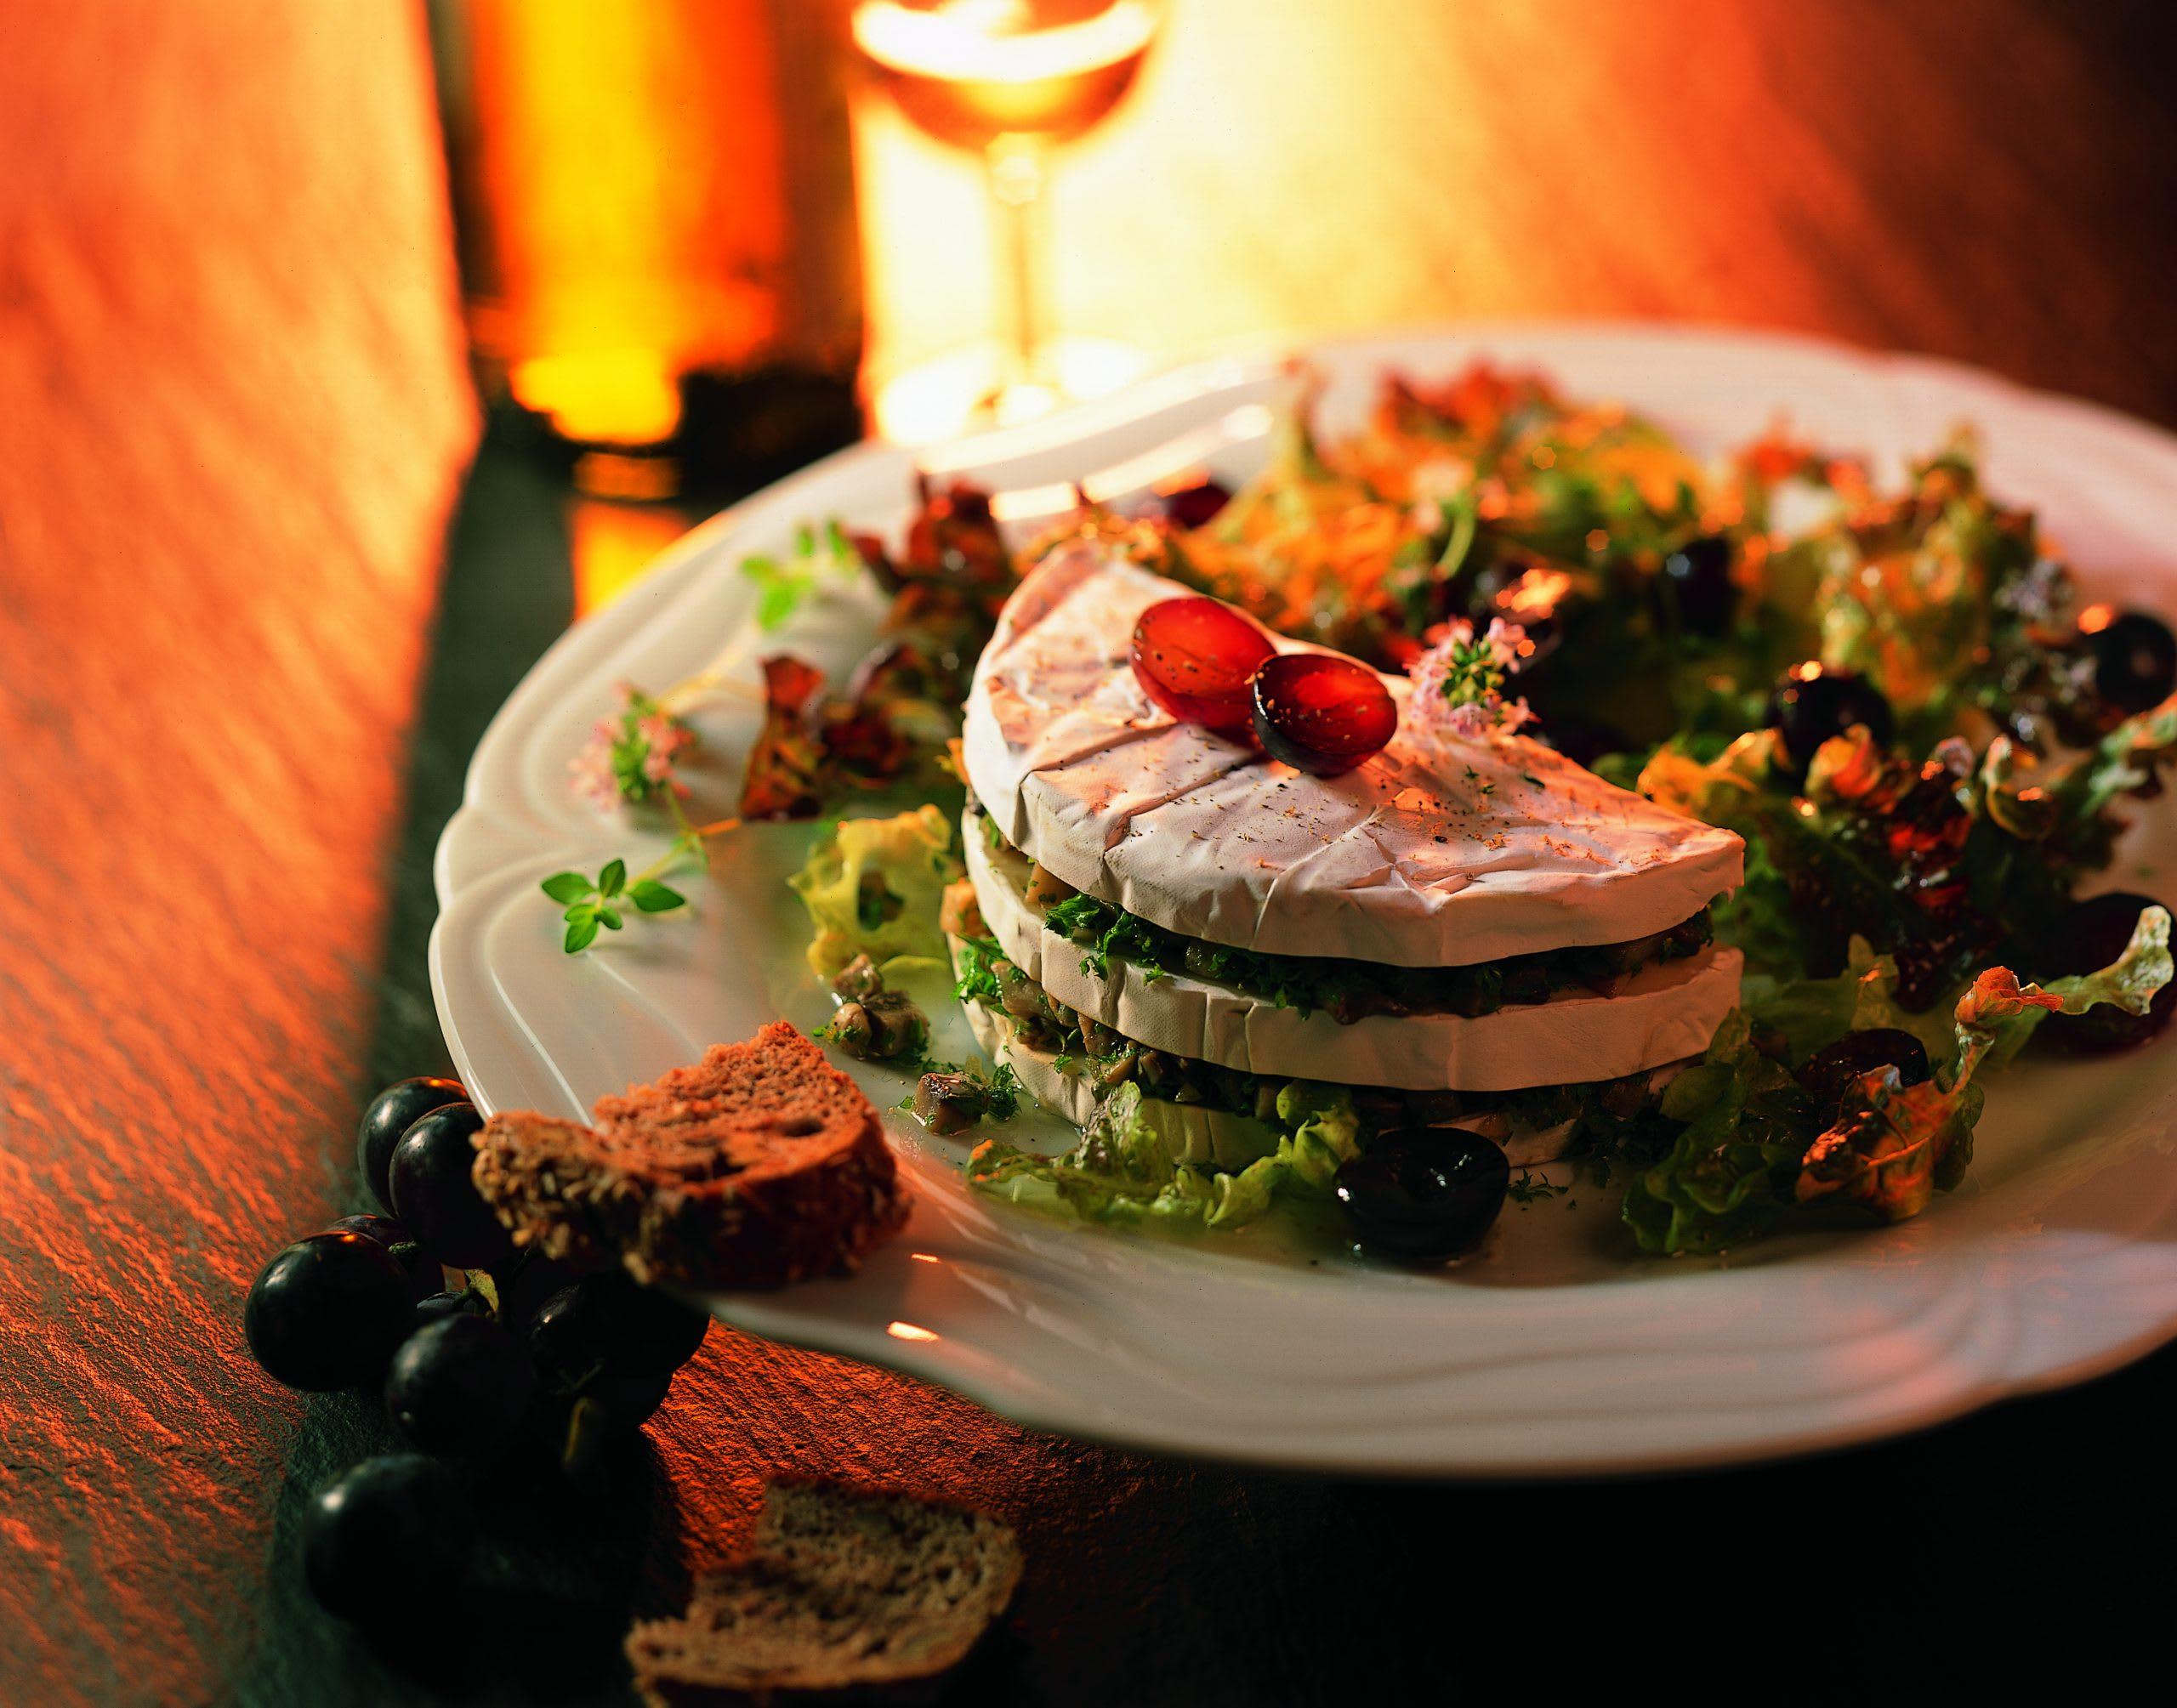 Camembert mit Pilzfüllung auf herbstlichem Salat